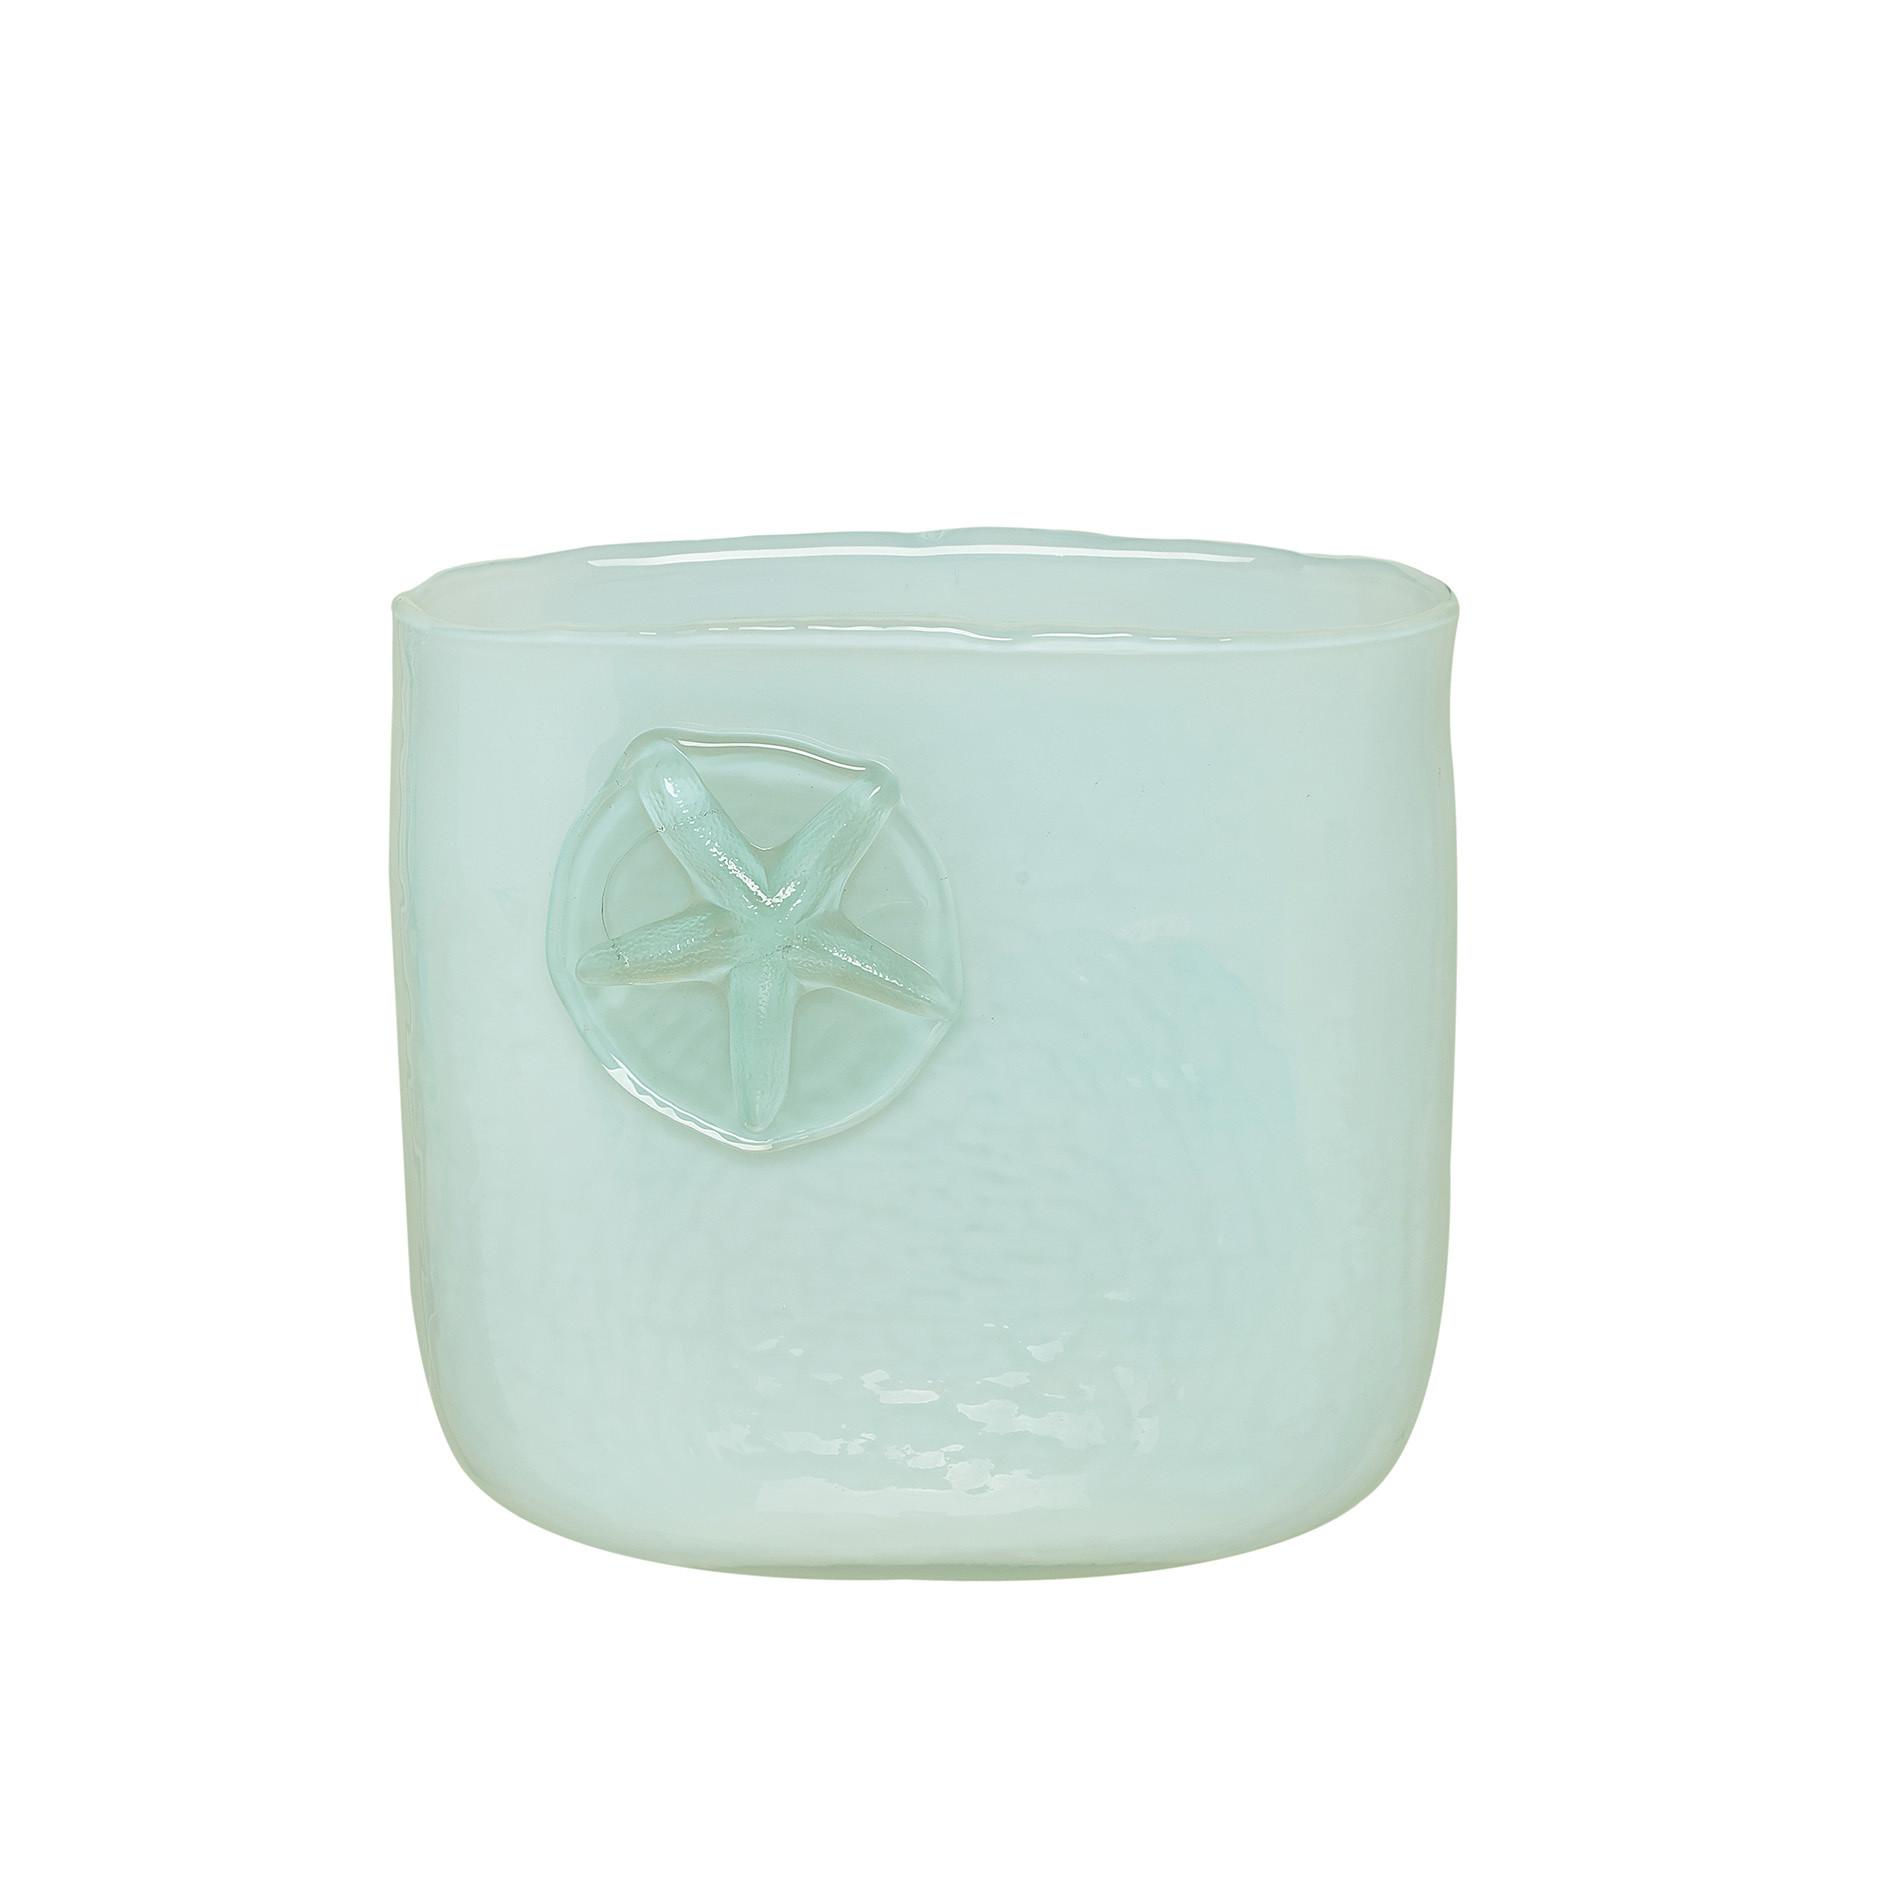 Vaso vetro colorato in pasta decori marini, Trasparente, large image number 0